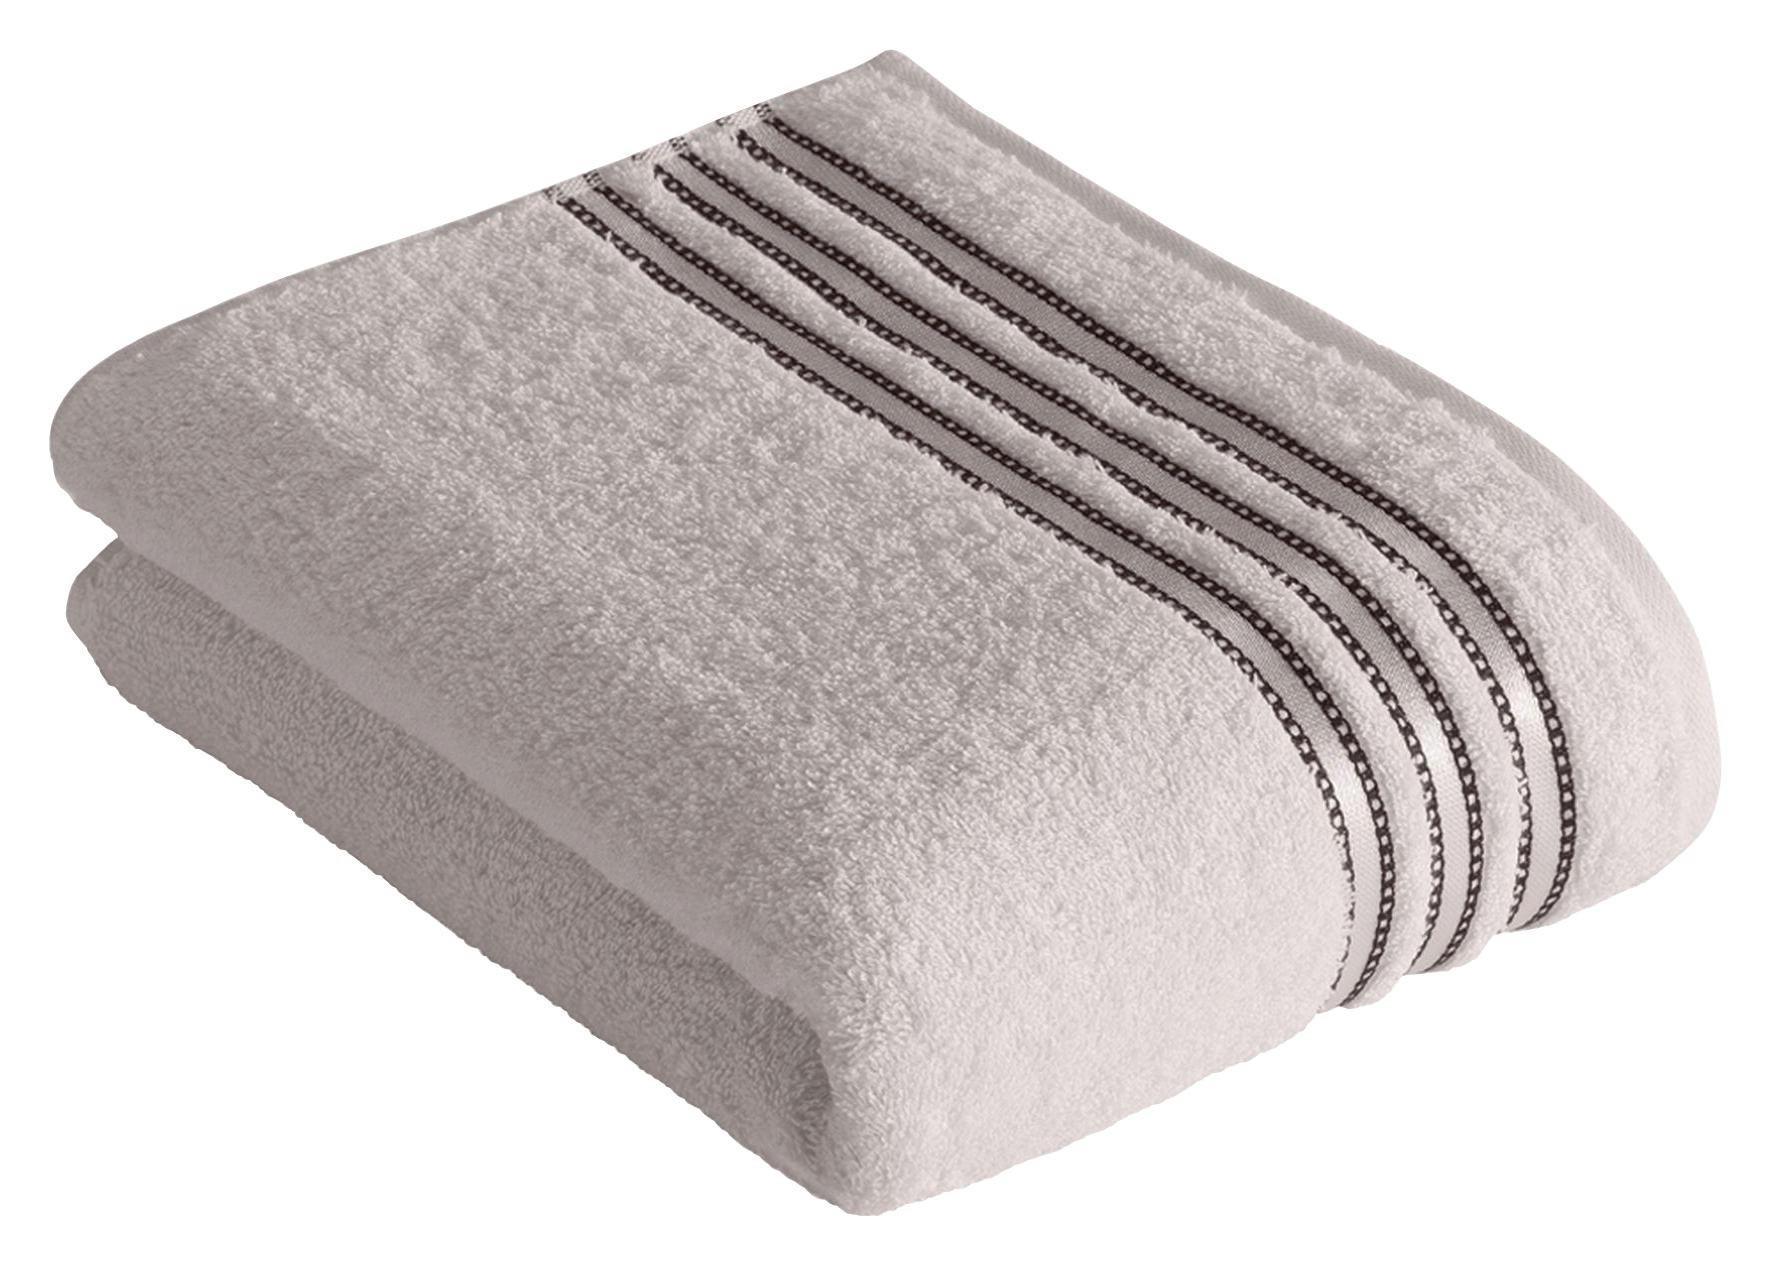 RUČNIK ZA TUŠIRANJE - svijetlo siva, Basics, tekstil (67/140cm) - VOSSEN